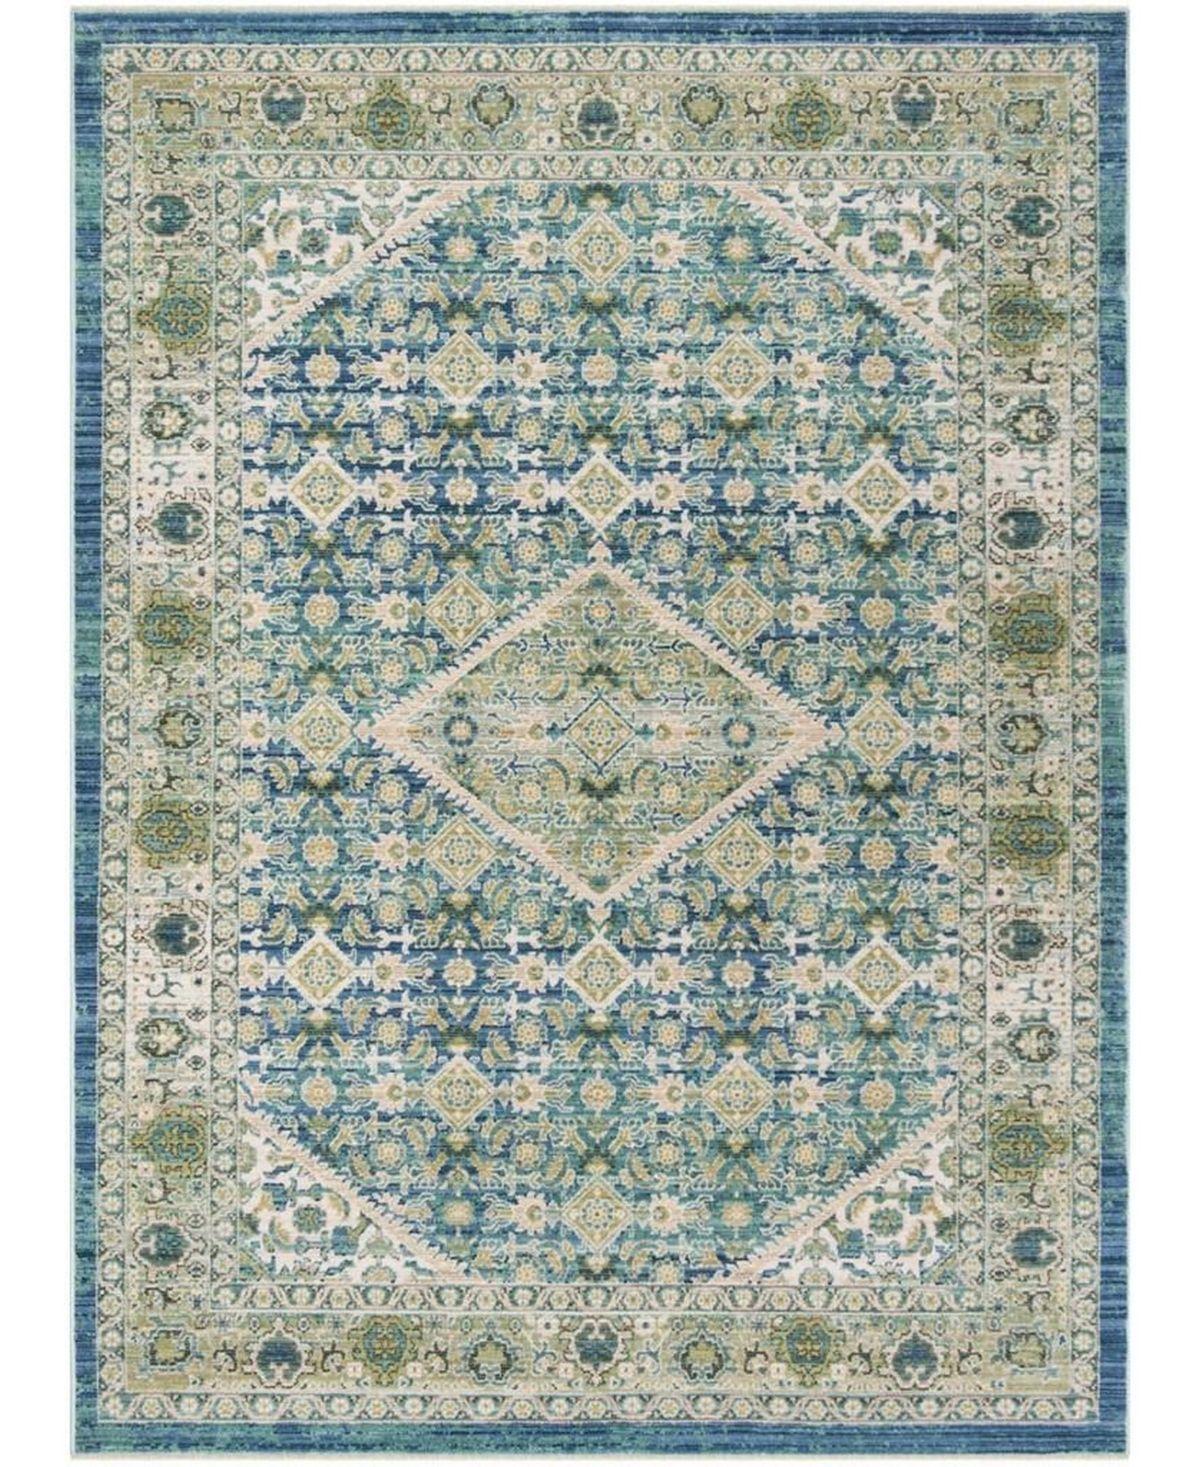 Safavieh Sutton Blue 3 X 5 Area Rug Blue Rugs Online Baby